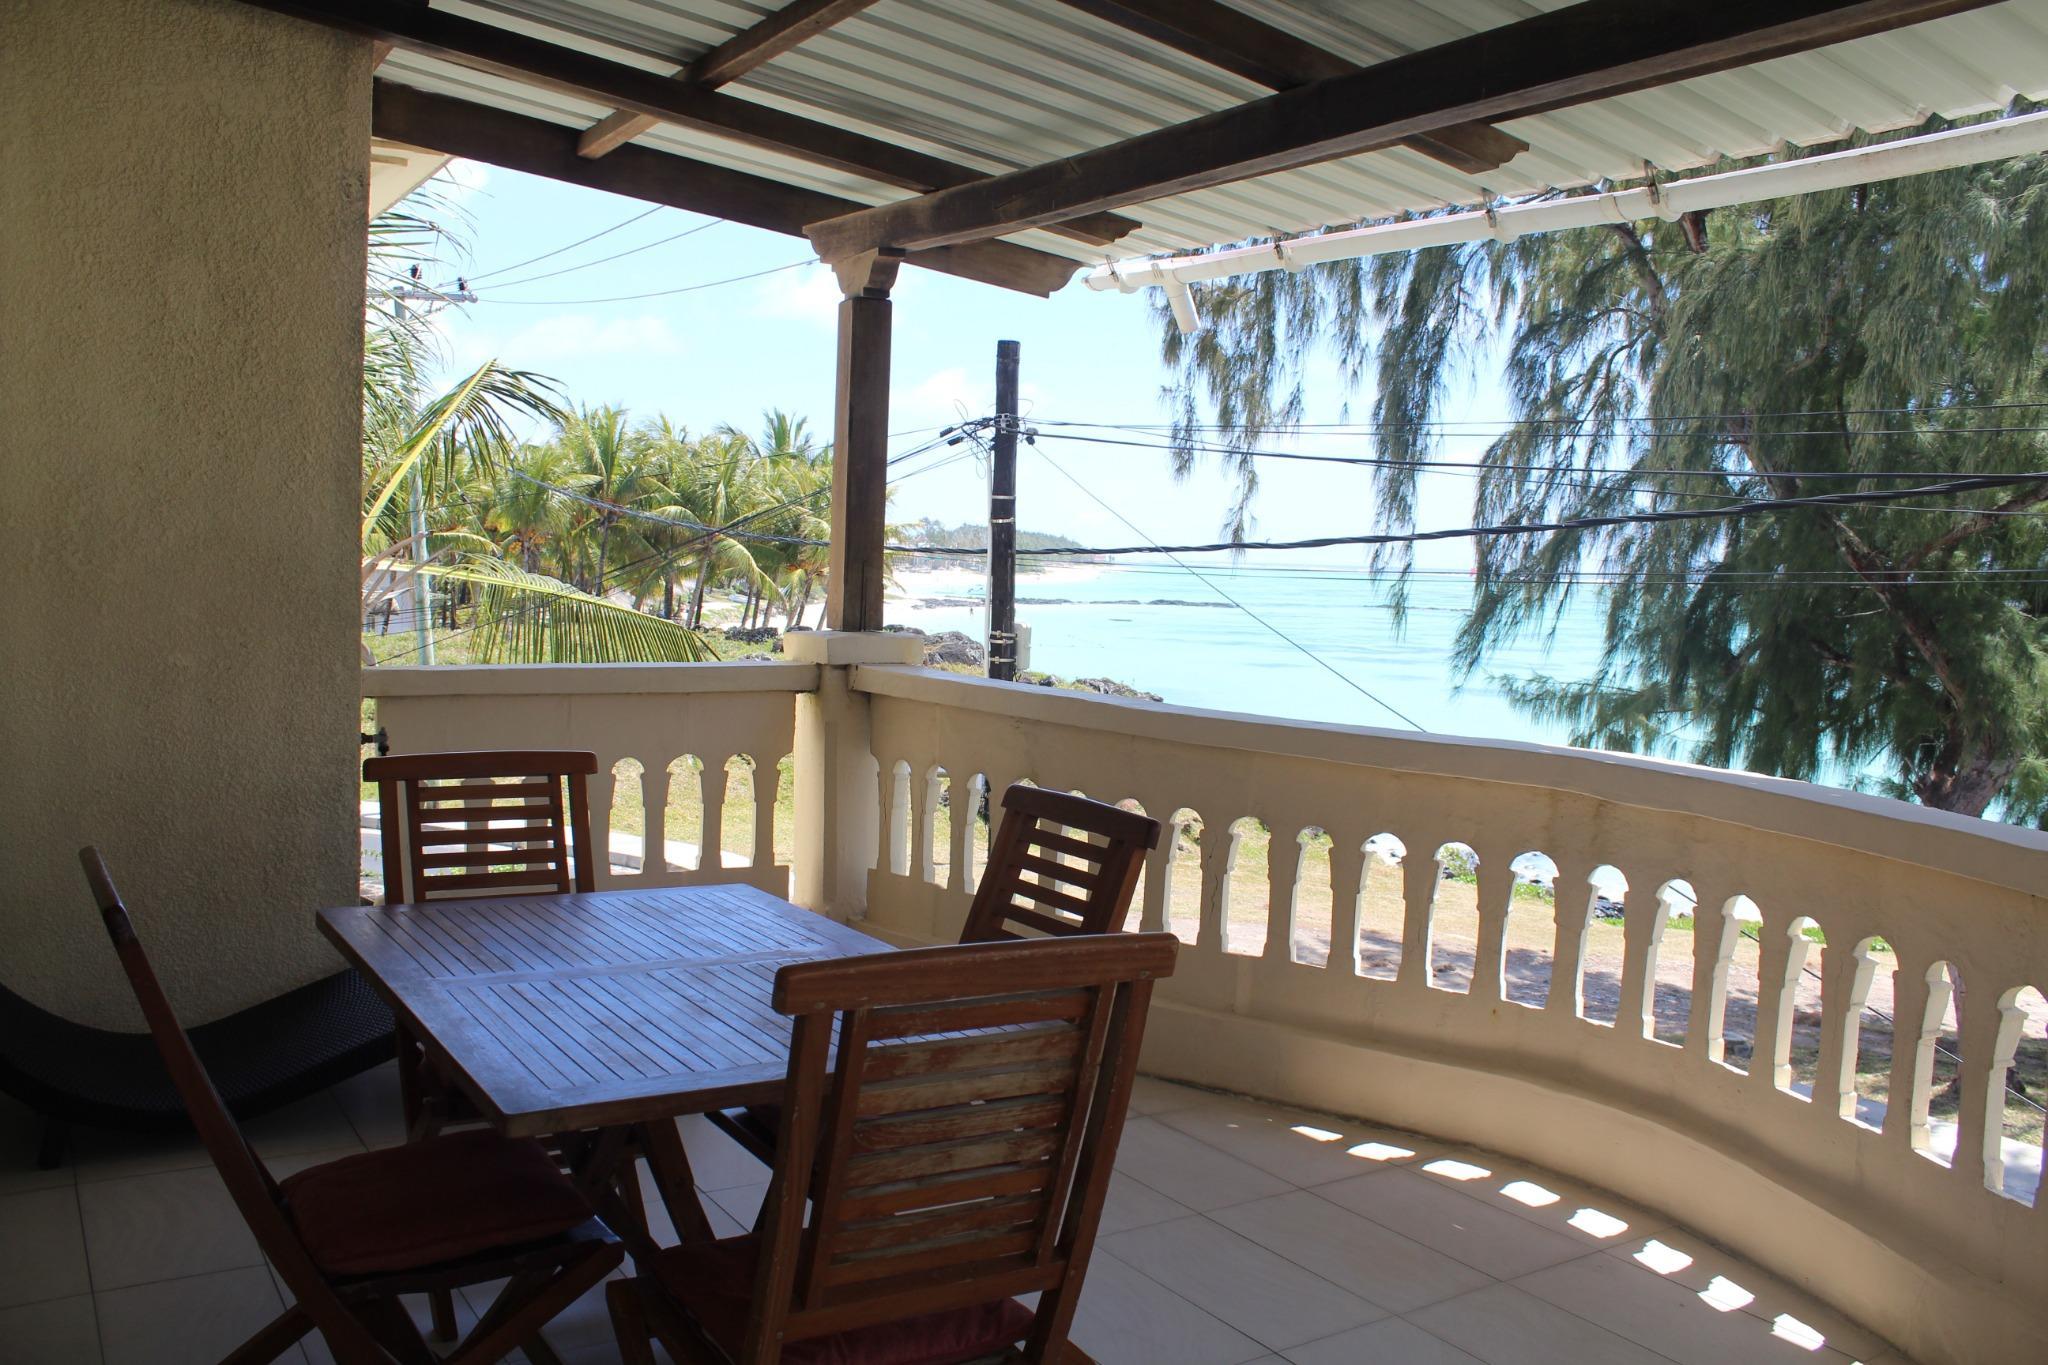 A louer – Maison meublée et équipée dans une résidence sécurisée 24/7 avec vue mer à Palmar.